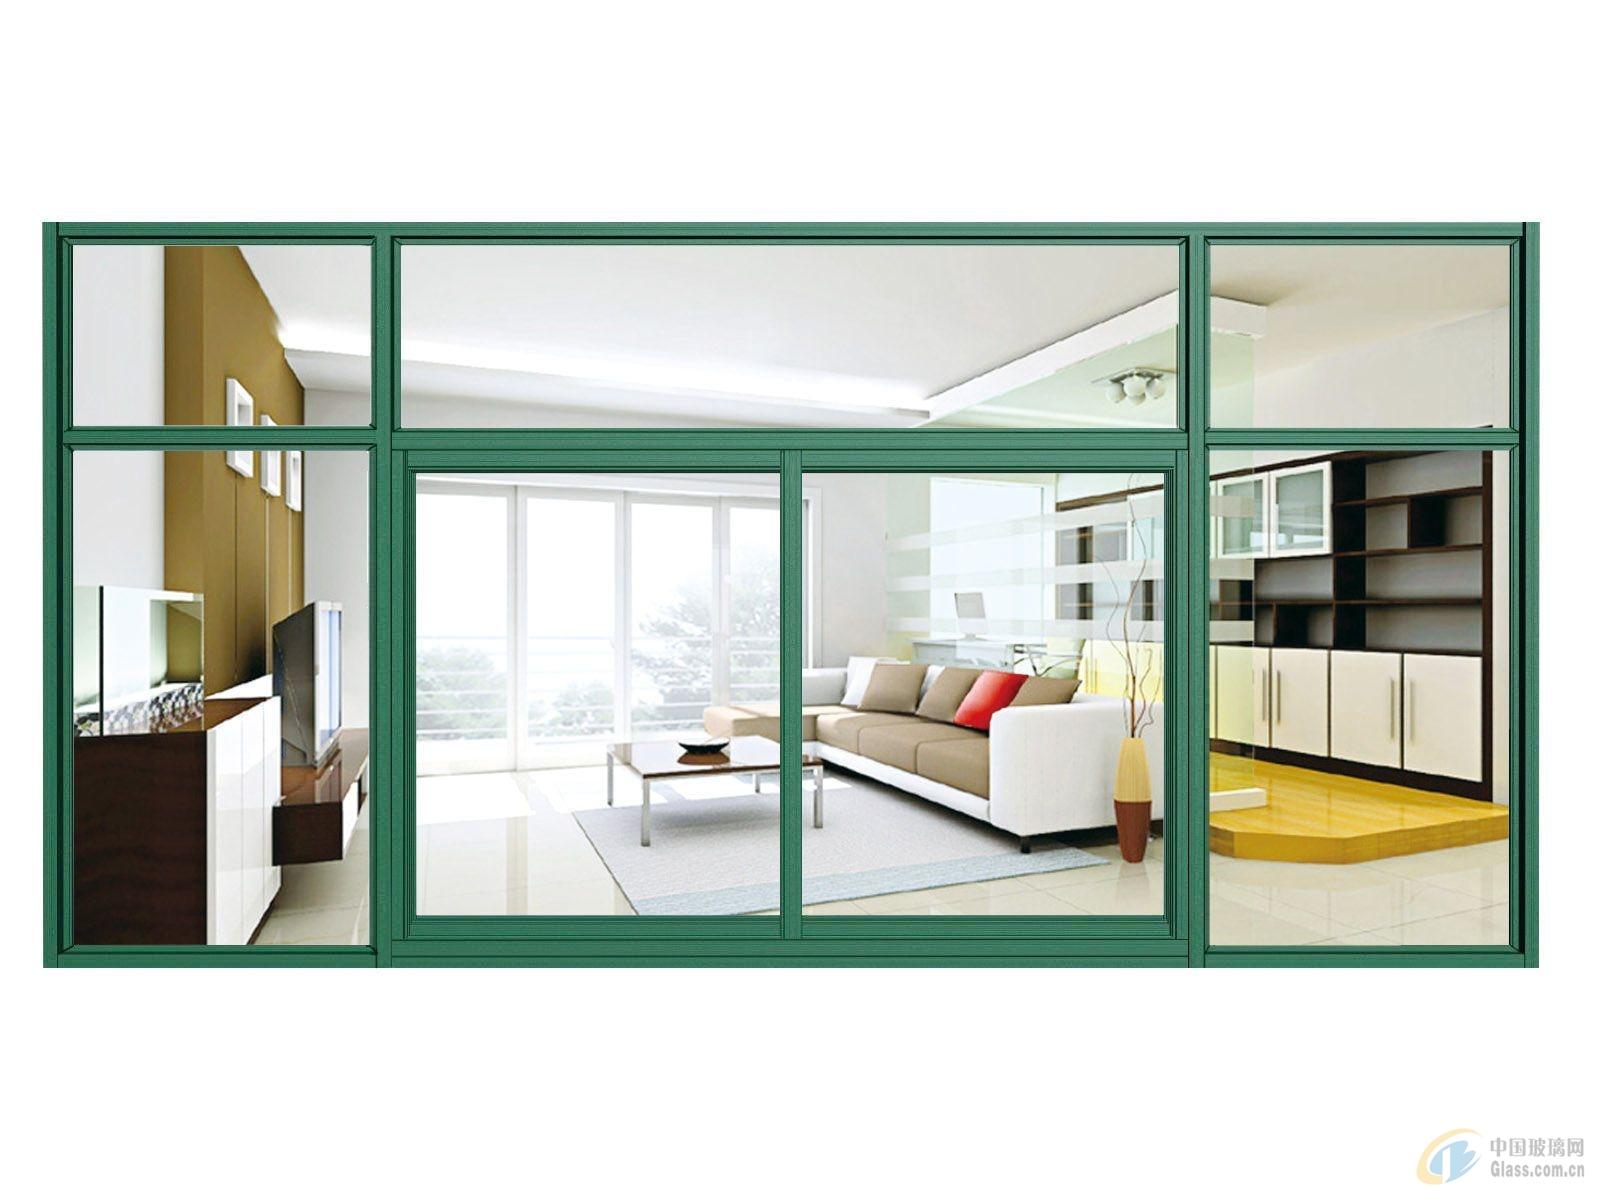 什么样的铝板能做彩色铝合金门窗? -第1张